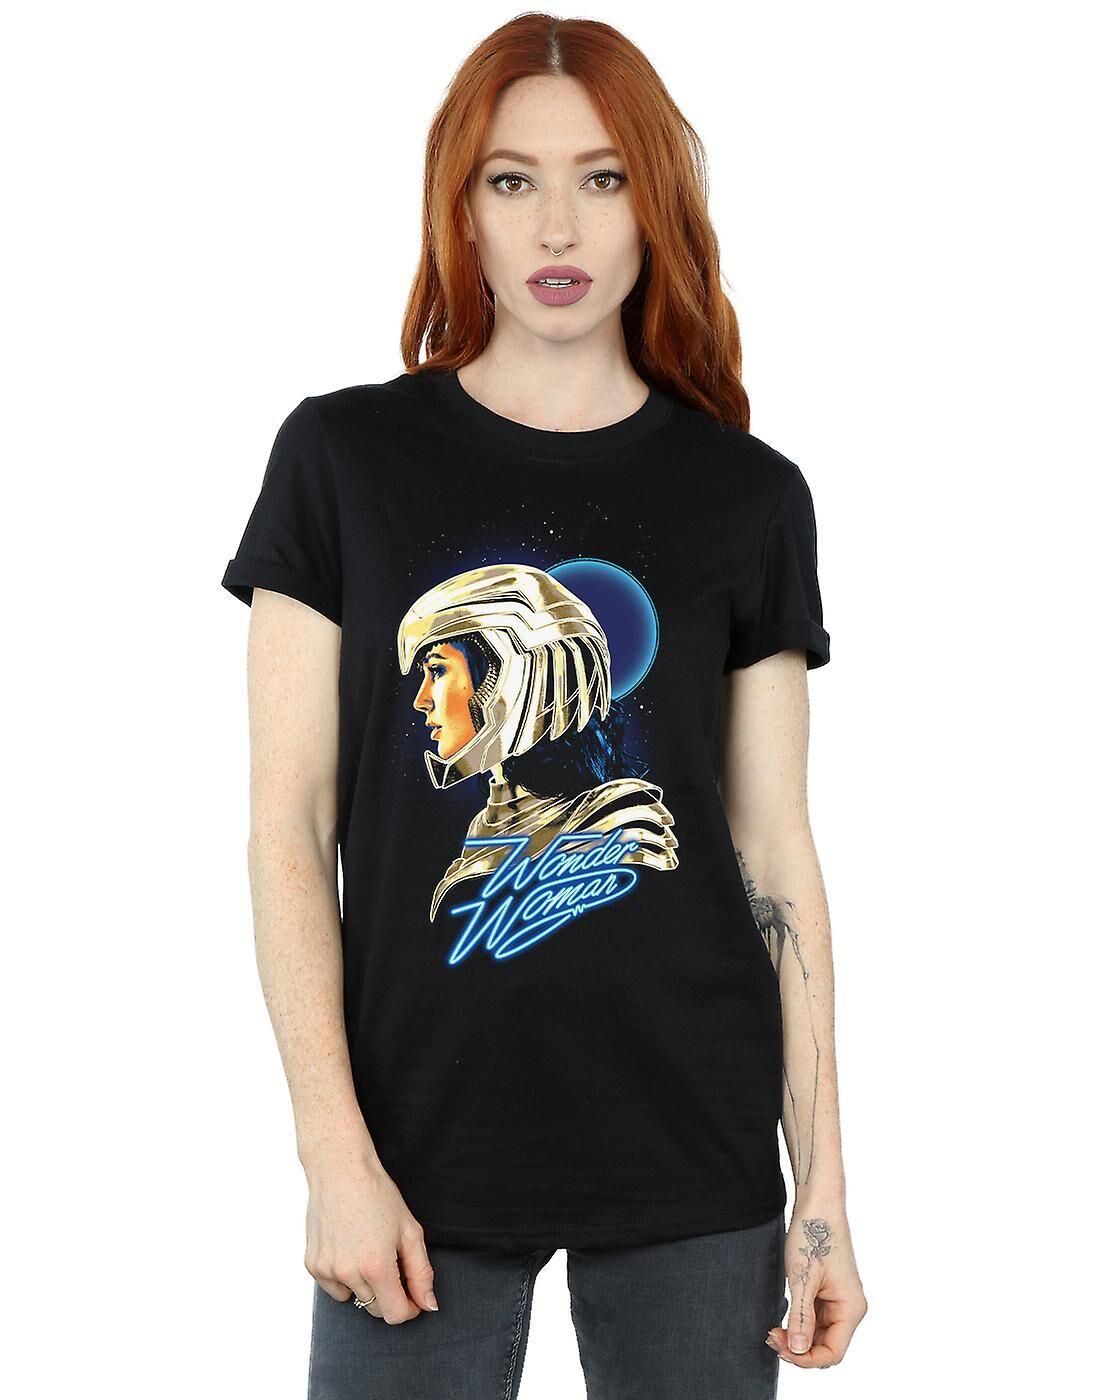 Absolute Cult DC Comics Femmes-apos;s Wonder Woman 84 Rétro Gold Helmet Boyfriend Fit T-Shirt Blanc XXXXX-Large